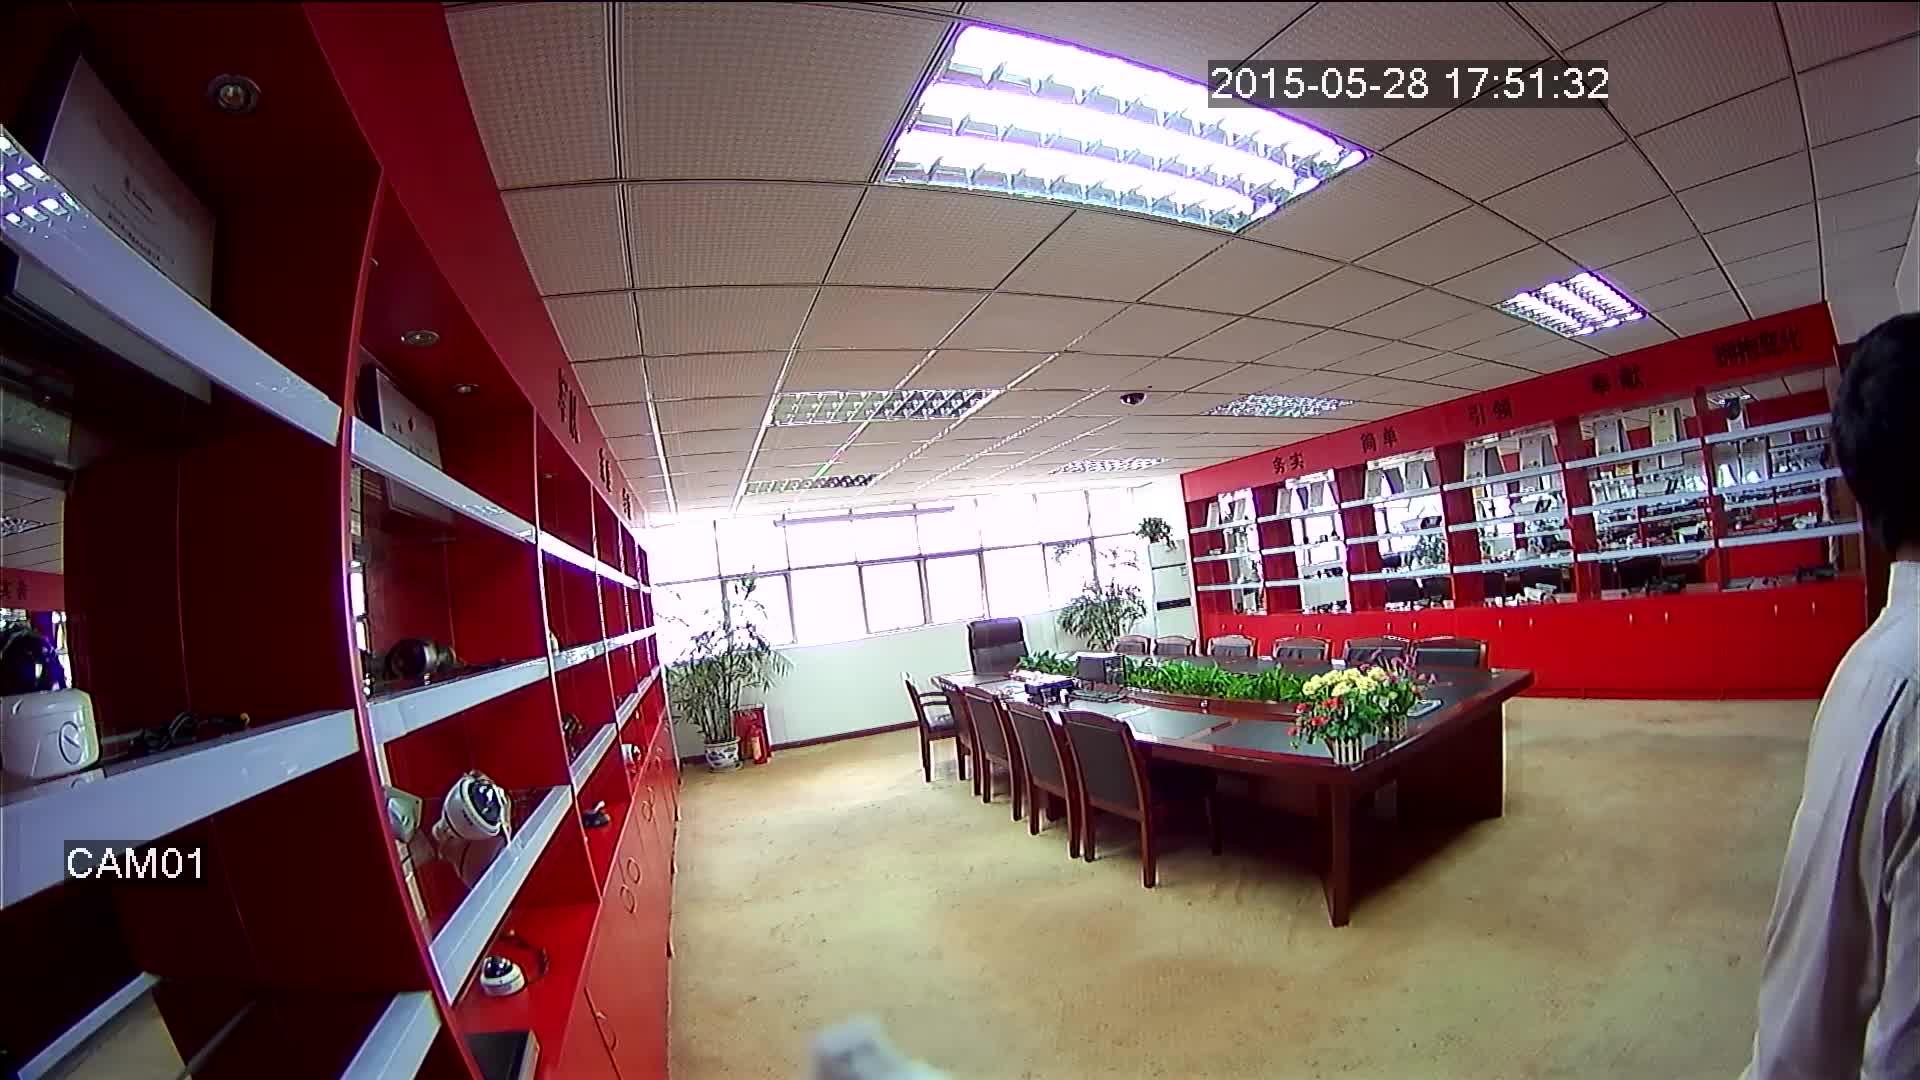 700TVL Sony CCD analog cctv Camera 180 degree fisheye security camera